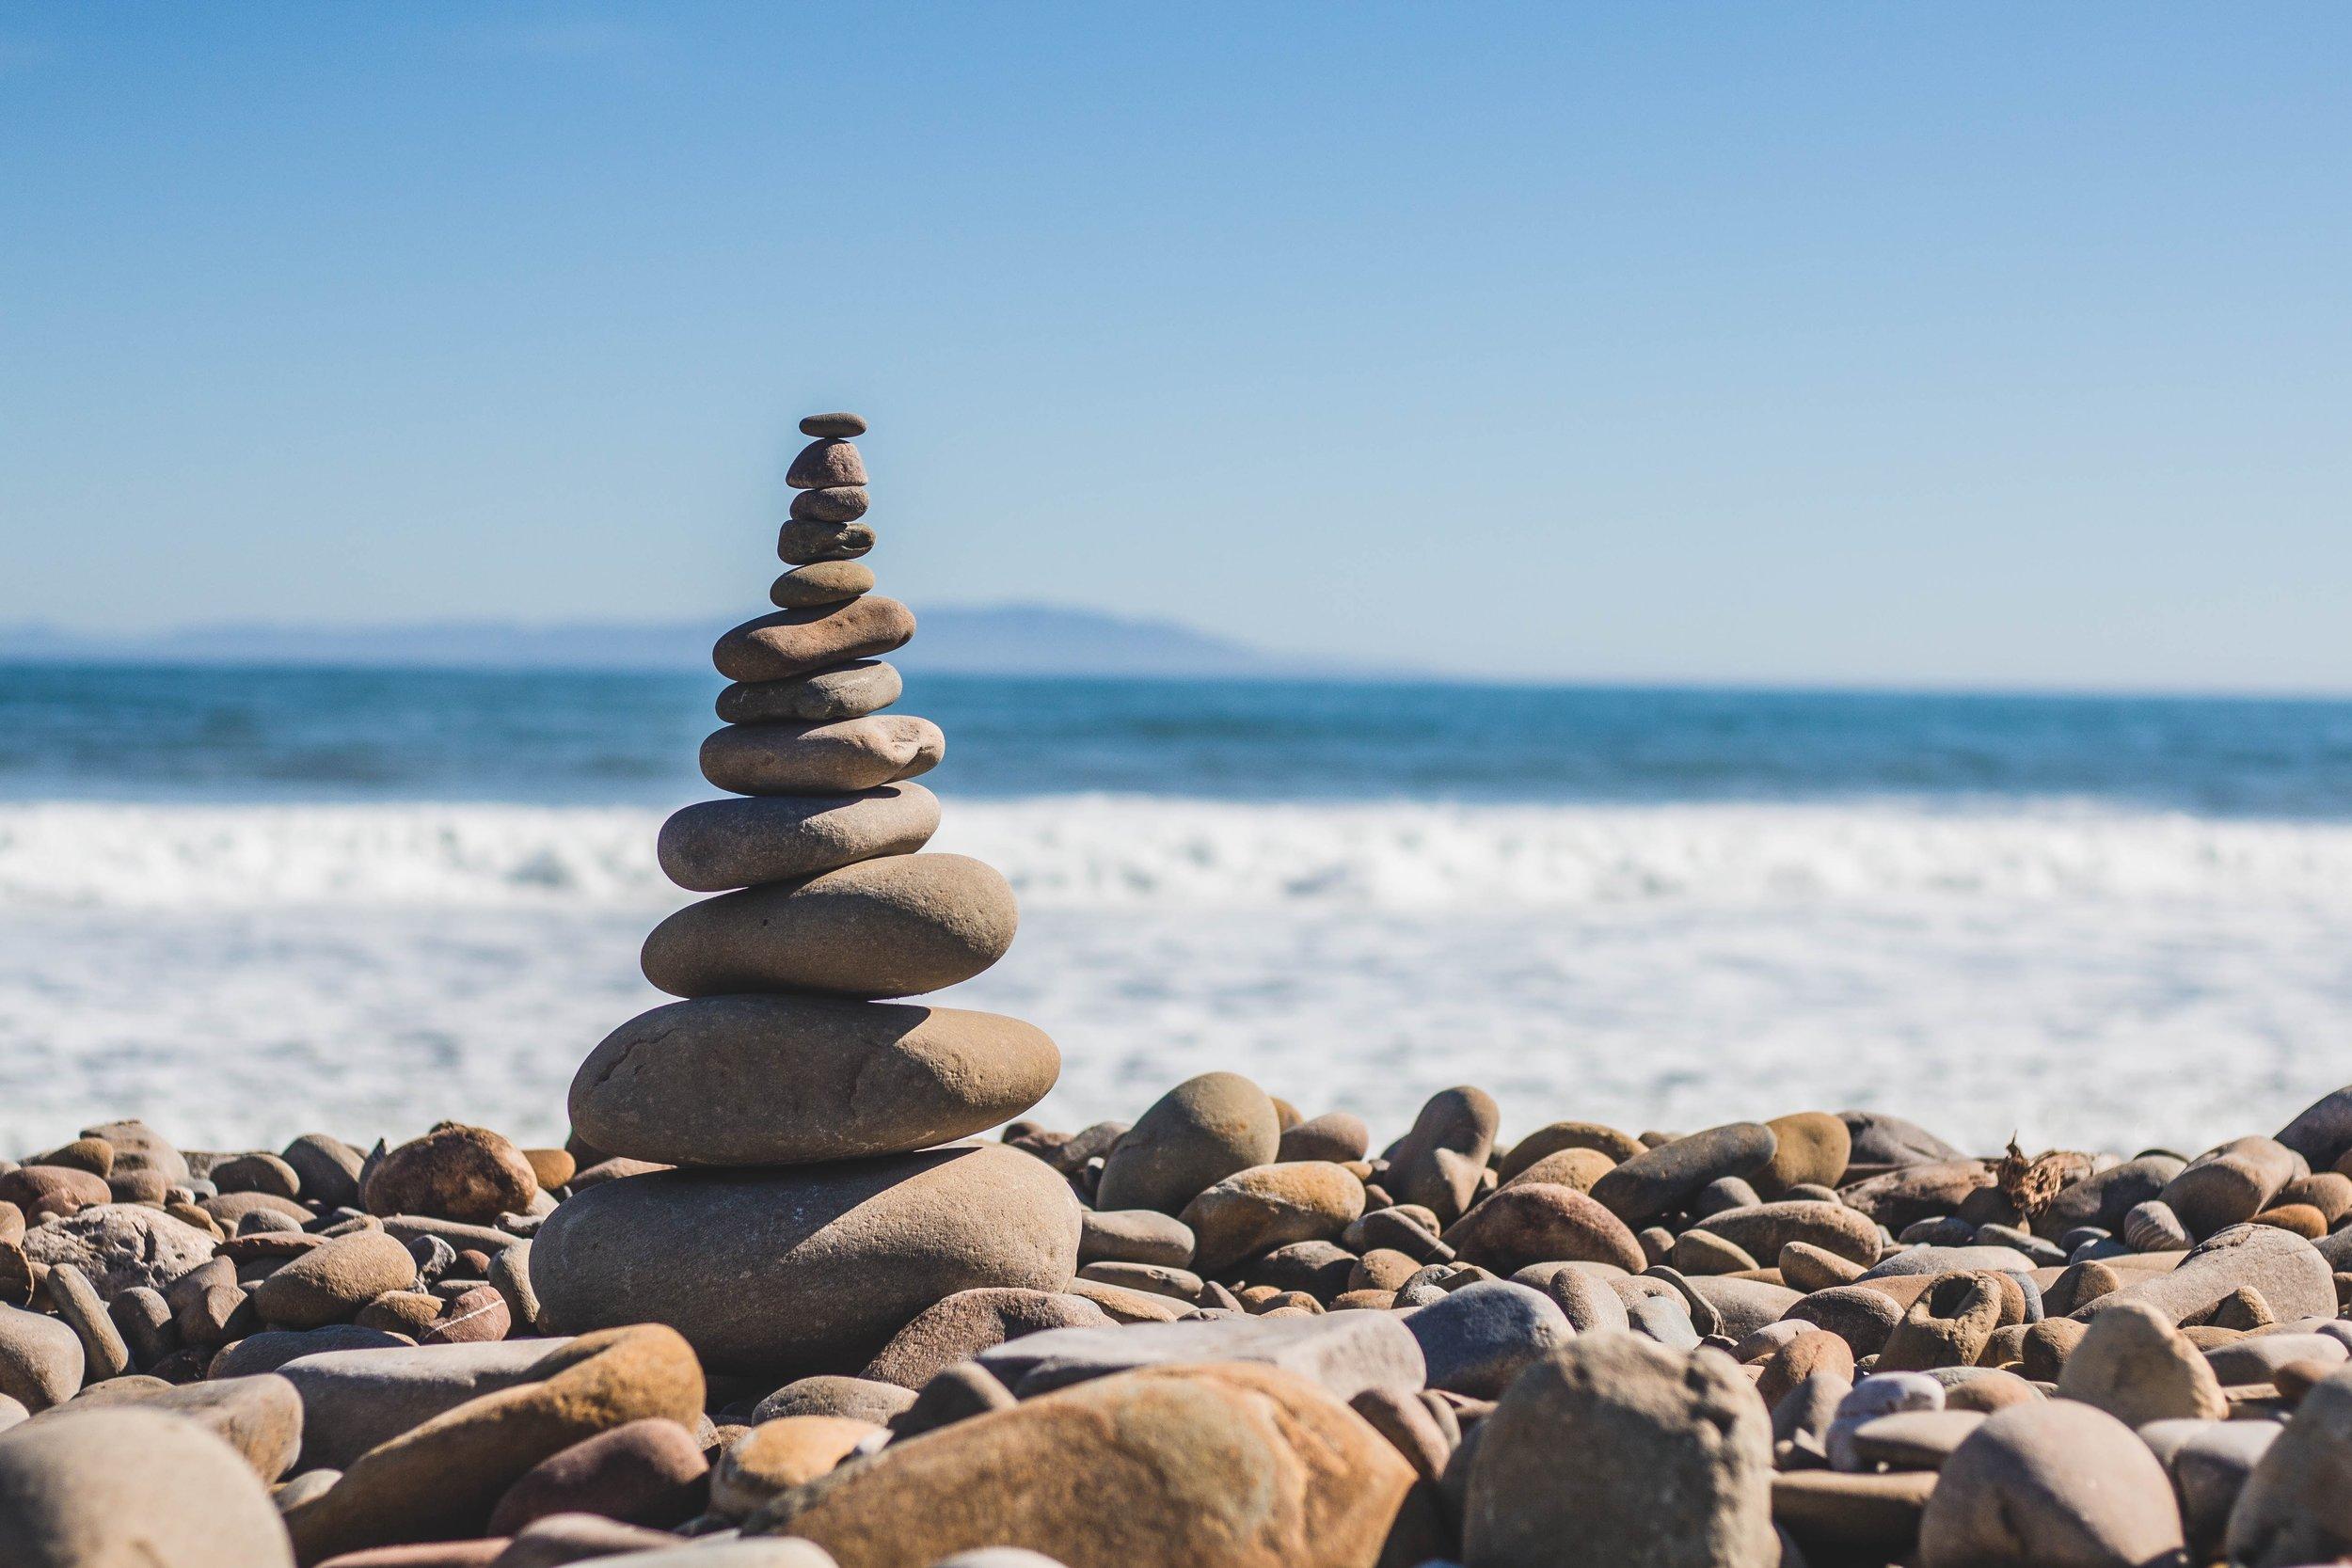 Workshops & Retraites - Wil je samen met anderen werken aan zelfontplooiing in een sfeer van verbondenheid?Regelmatig organiseer ik workshops & retraites rond verschillende thema's.